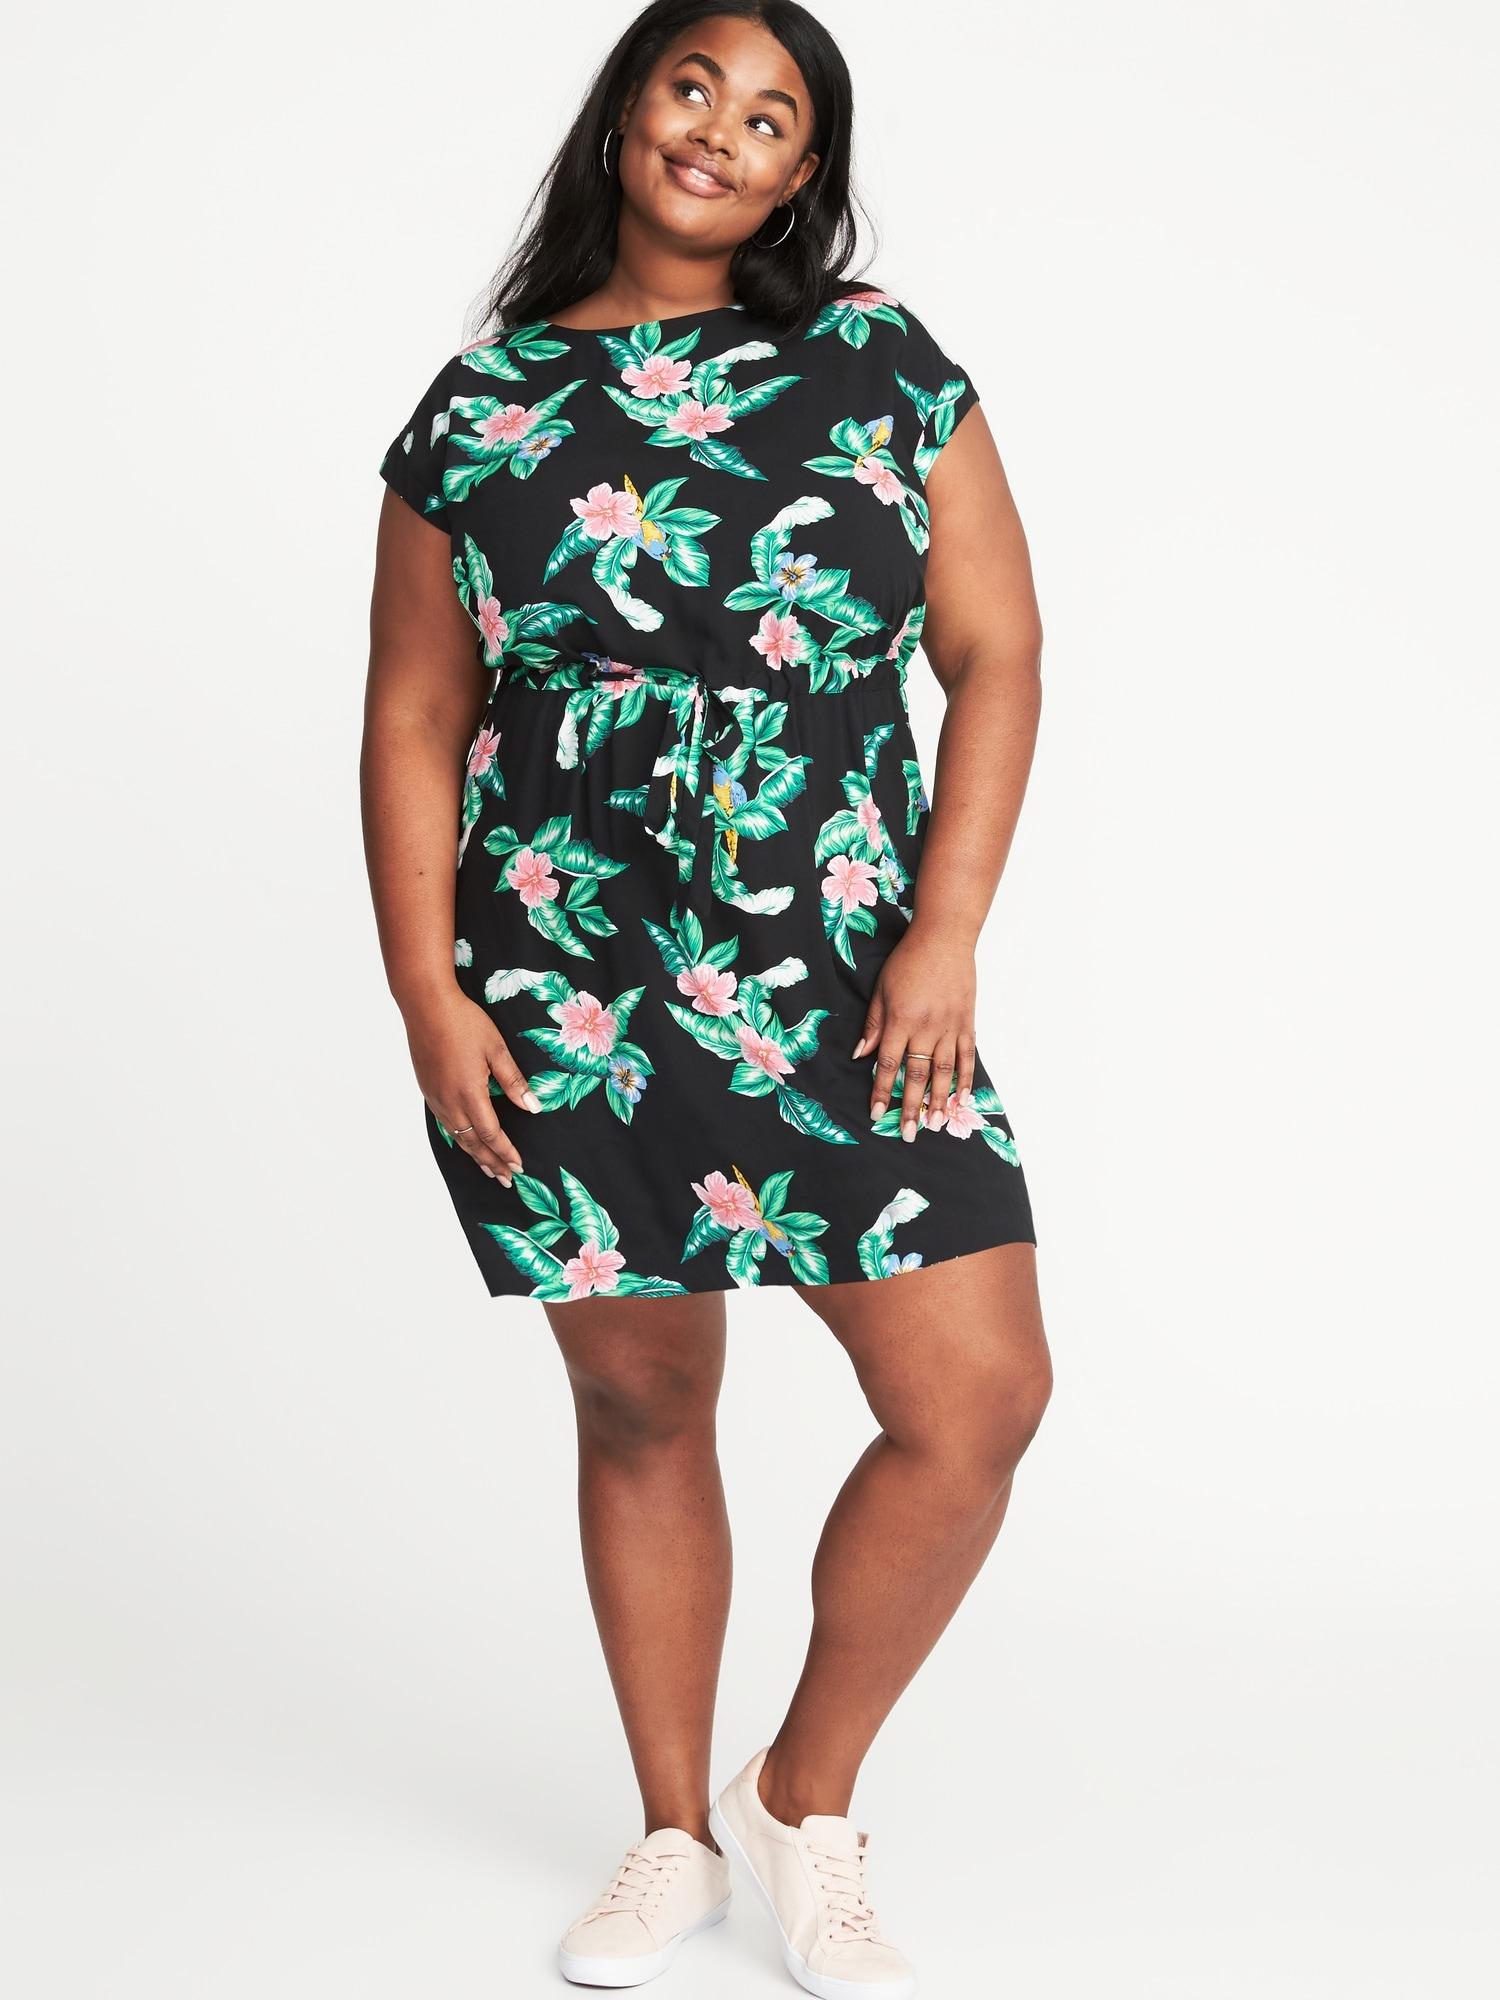 4dac7042431 Waist-Defined Plus-Size Dress. Waist-Defined Plus-Size Wrap-Front Floral  Dress. old navy dresses plus size pluslookeu collection ...